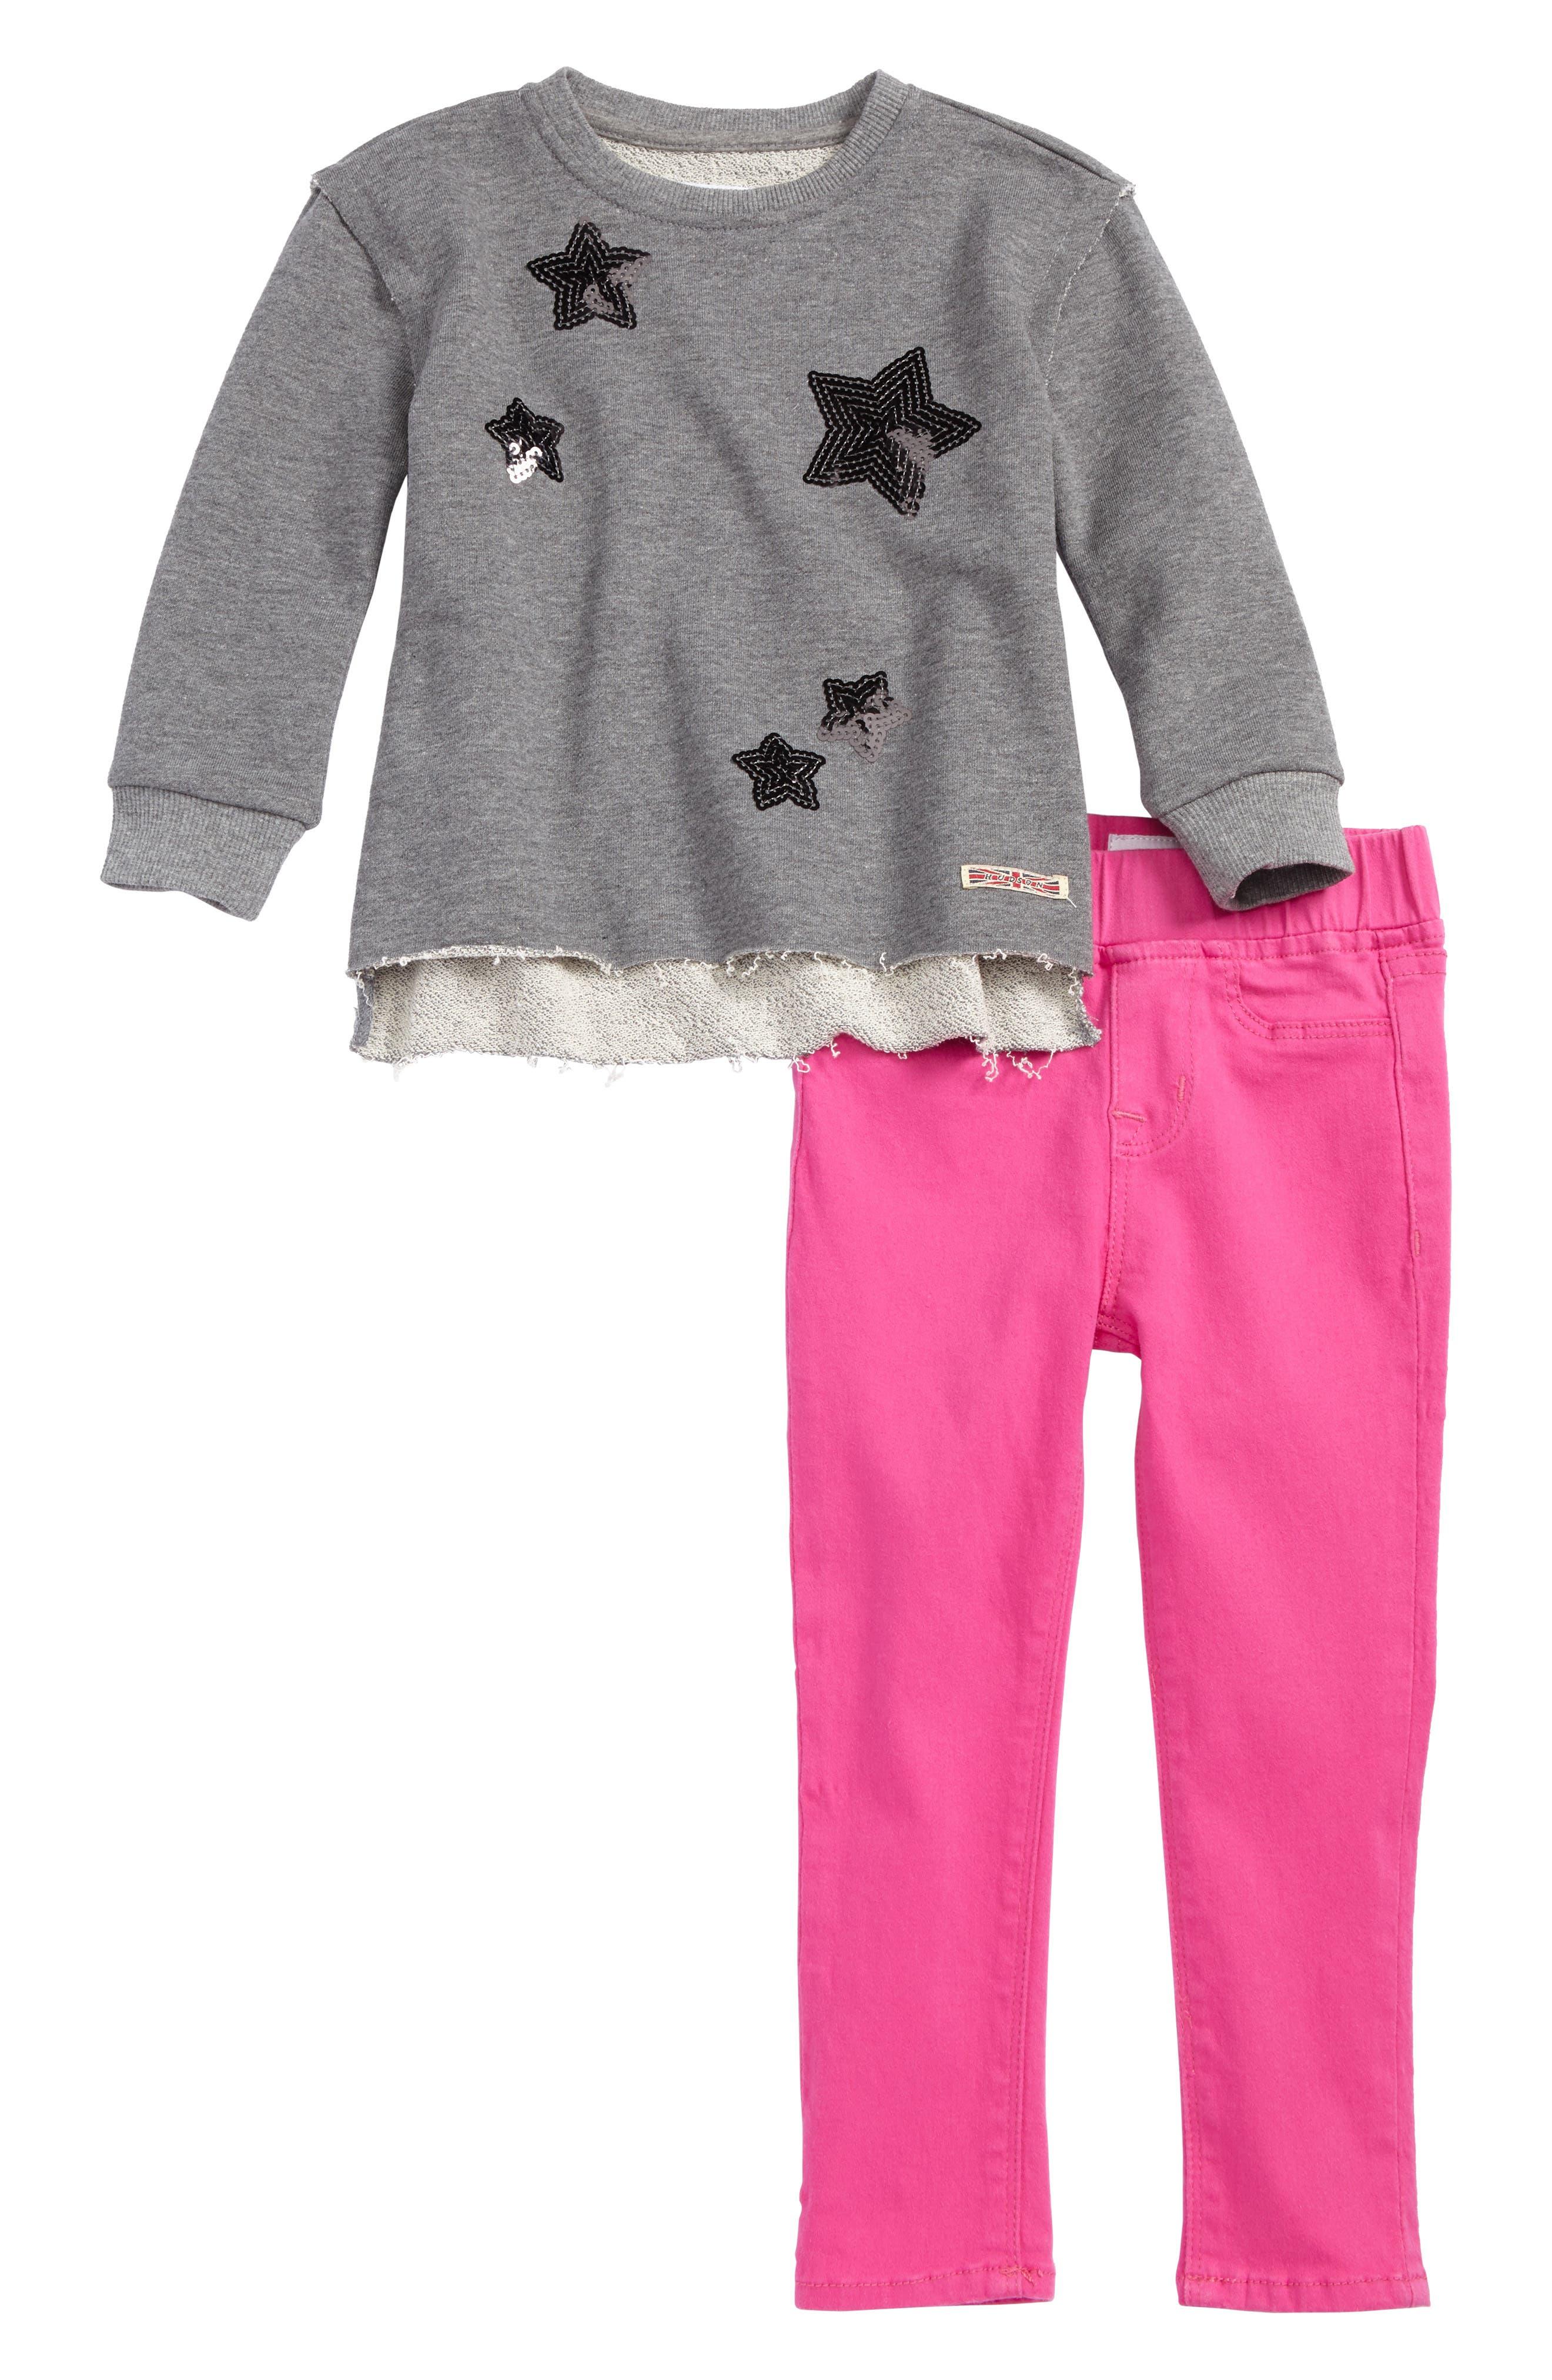 Hudson Kids French Terry Sweatshirt & Jeggings Set (Toddler Girls)